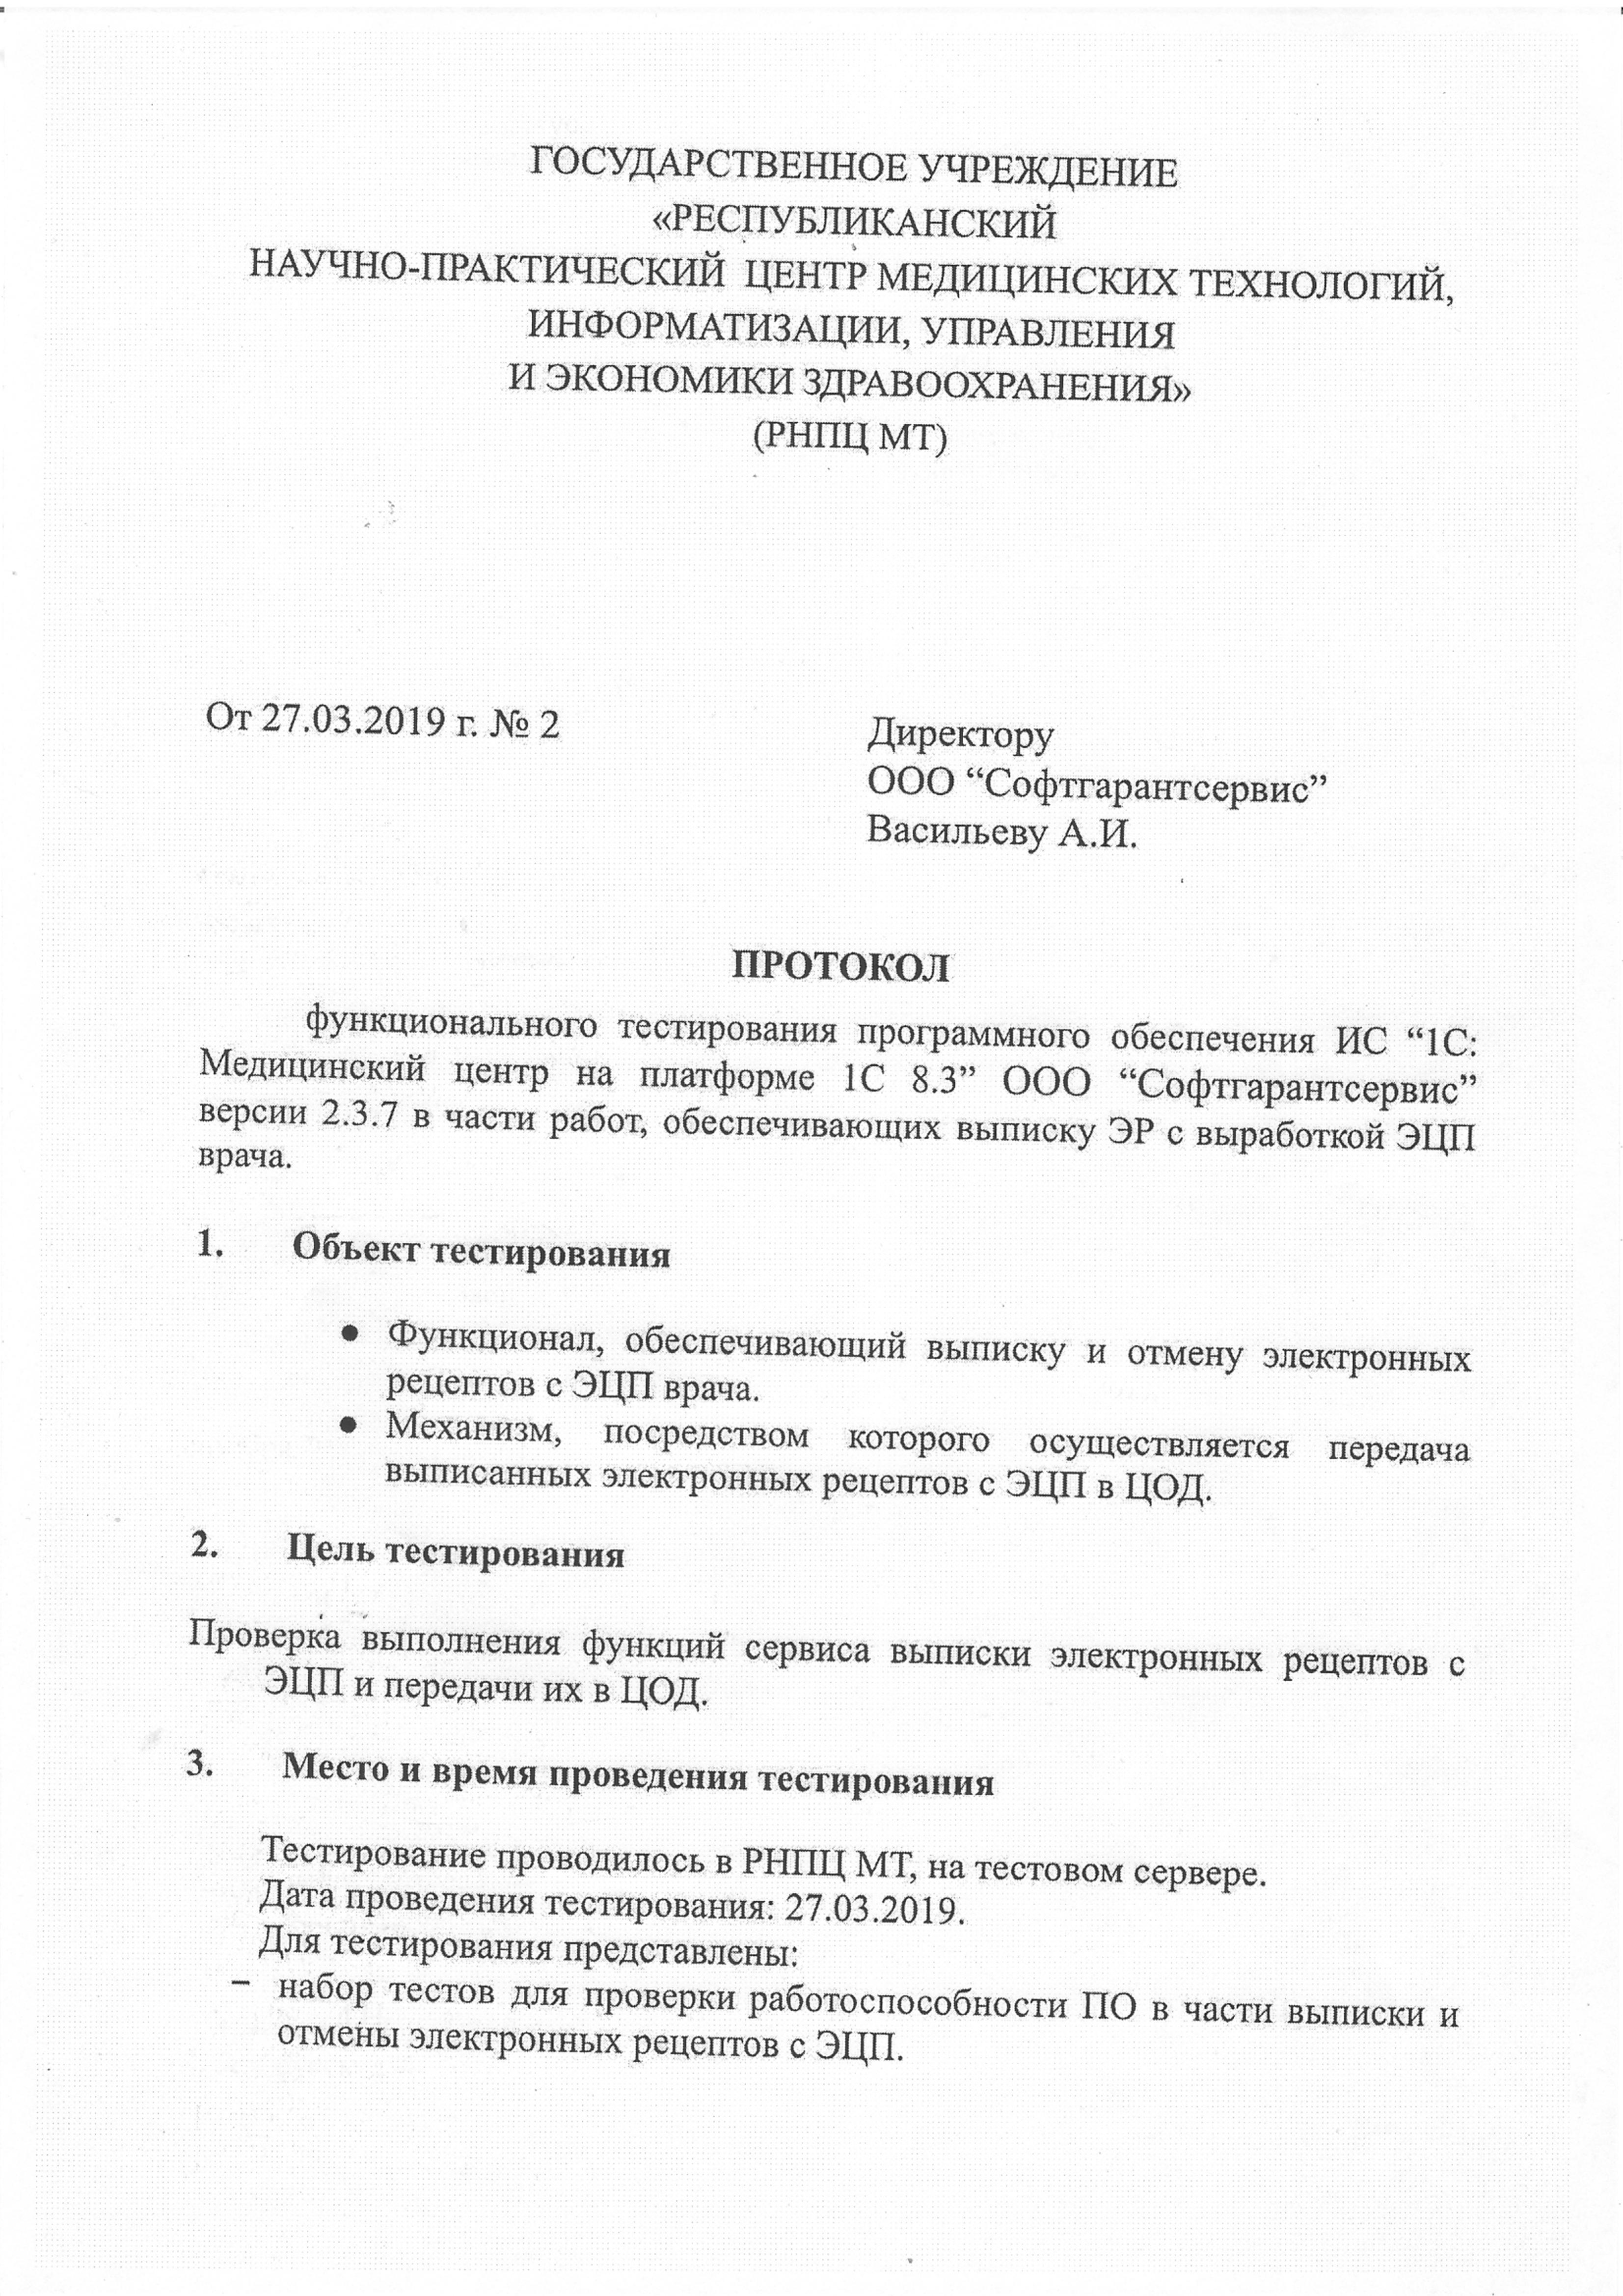 Протокол функционального тестирования обмена данными с АИС